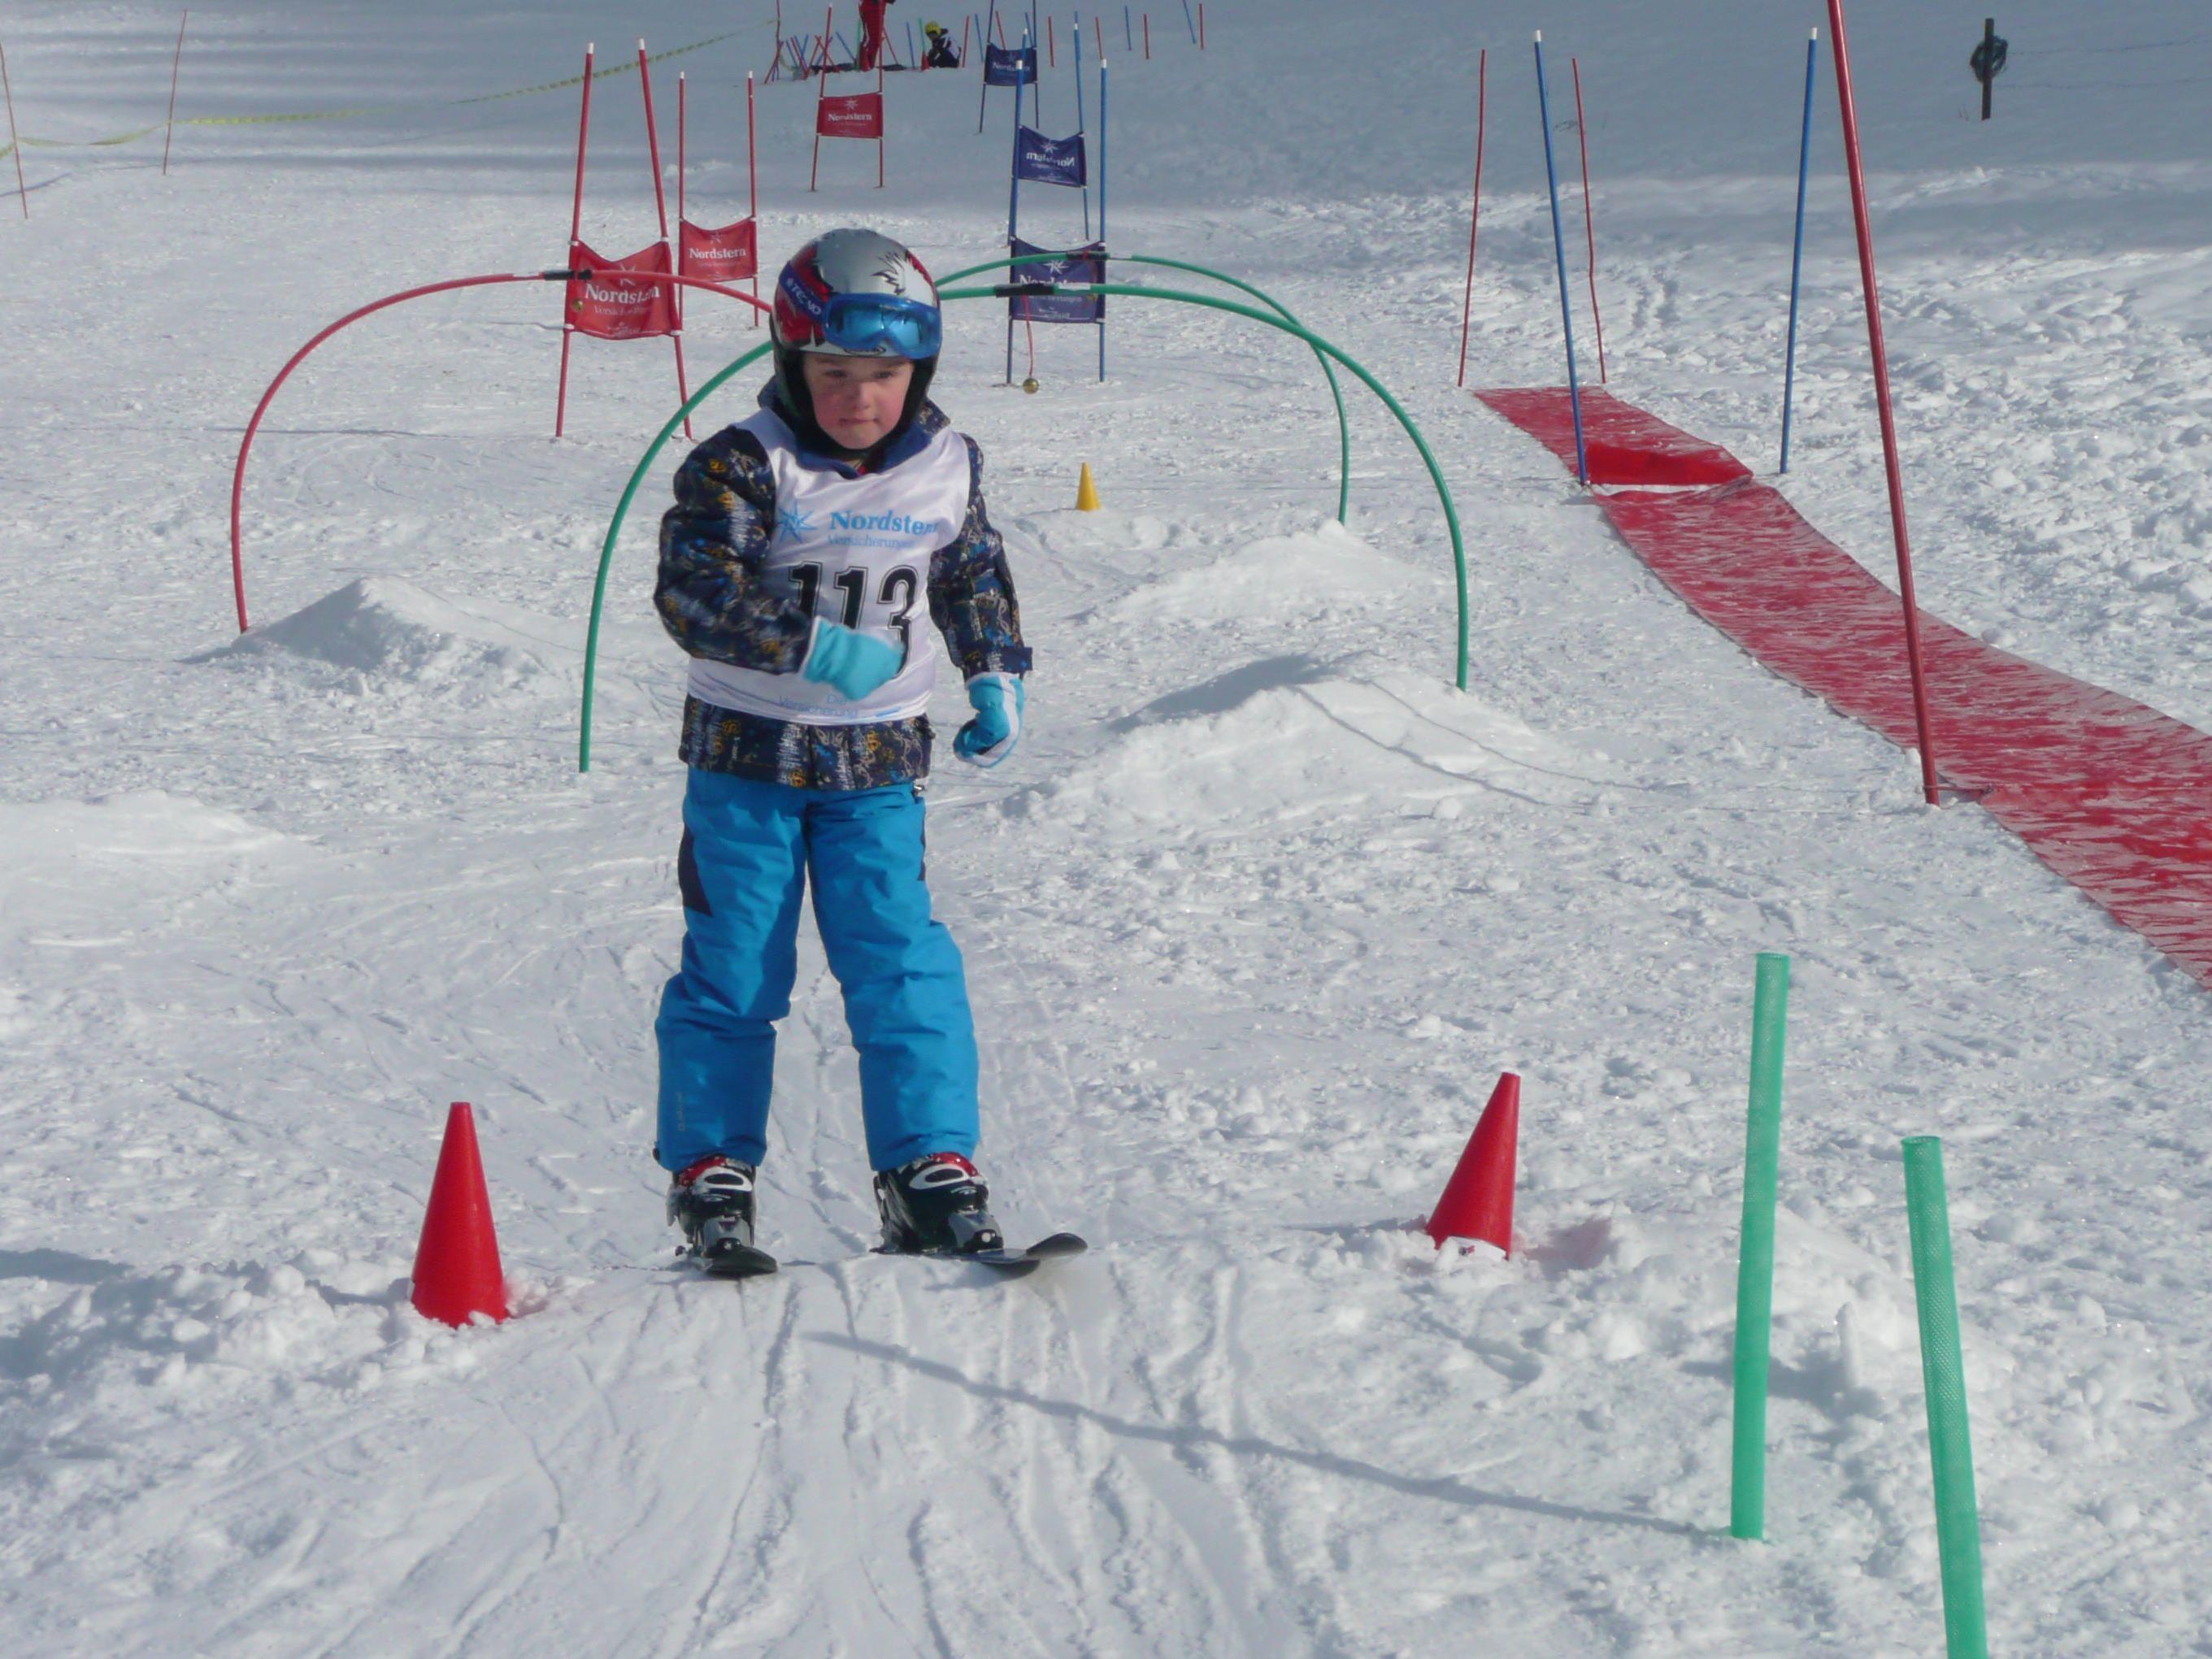 Mit Spass und Spiel schifahren lernen.